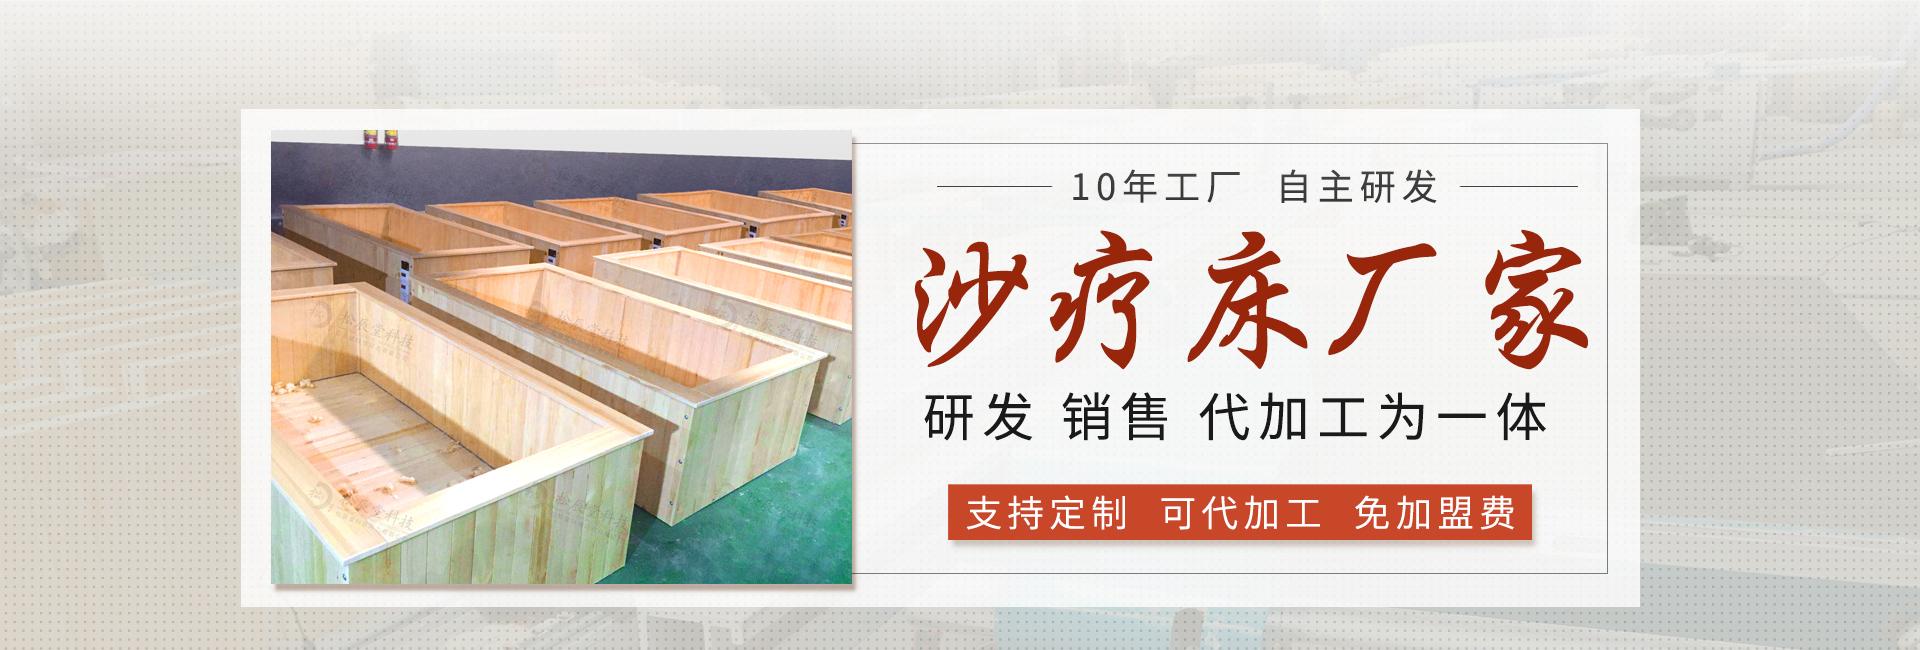 松辰堂沙疗床系列产品